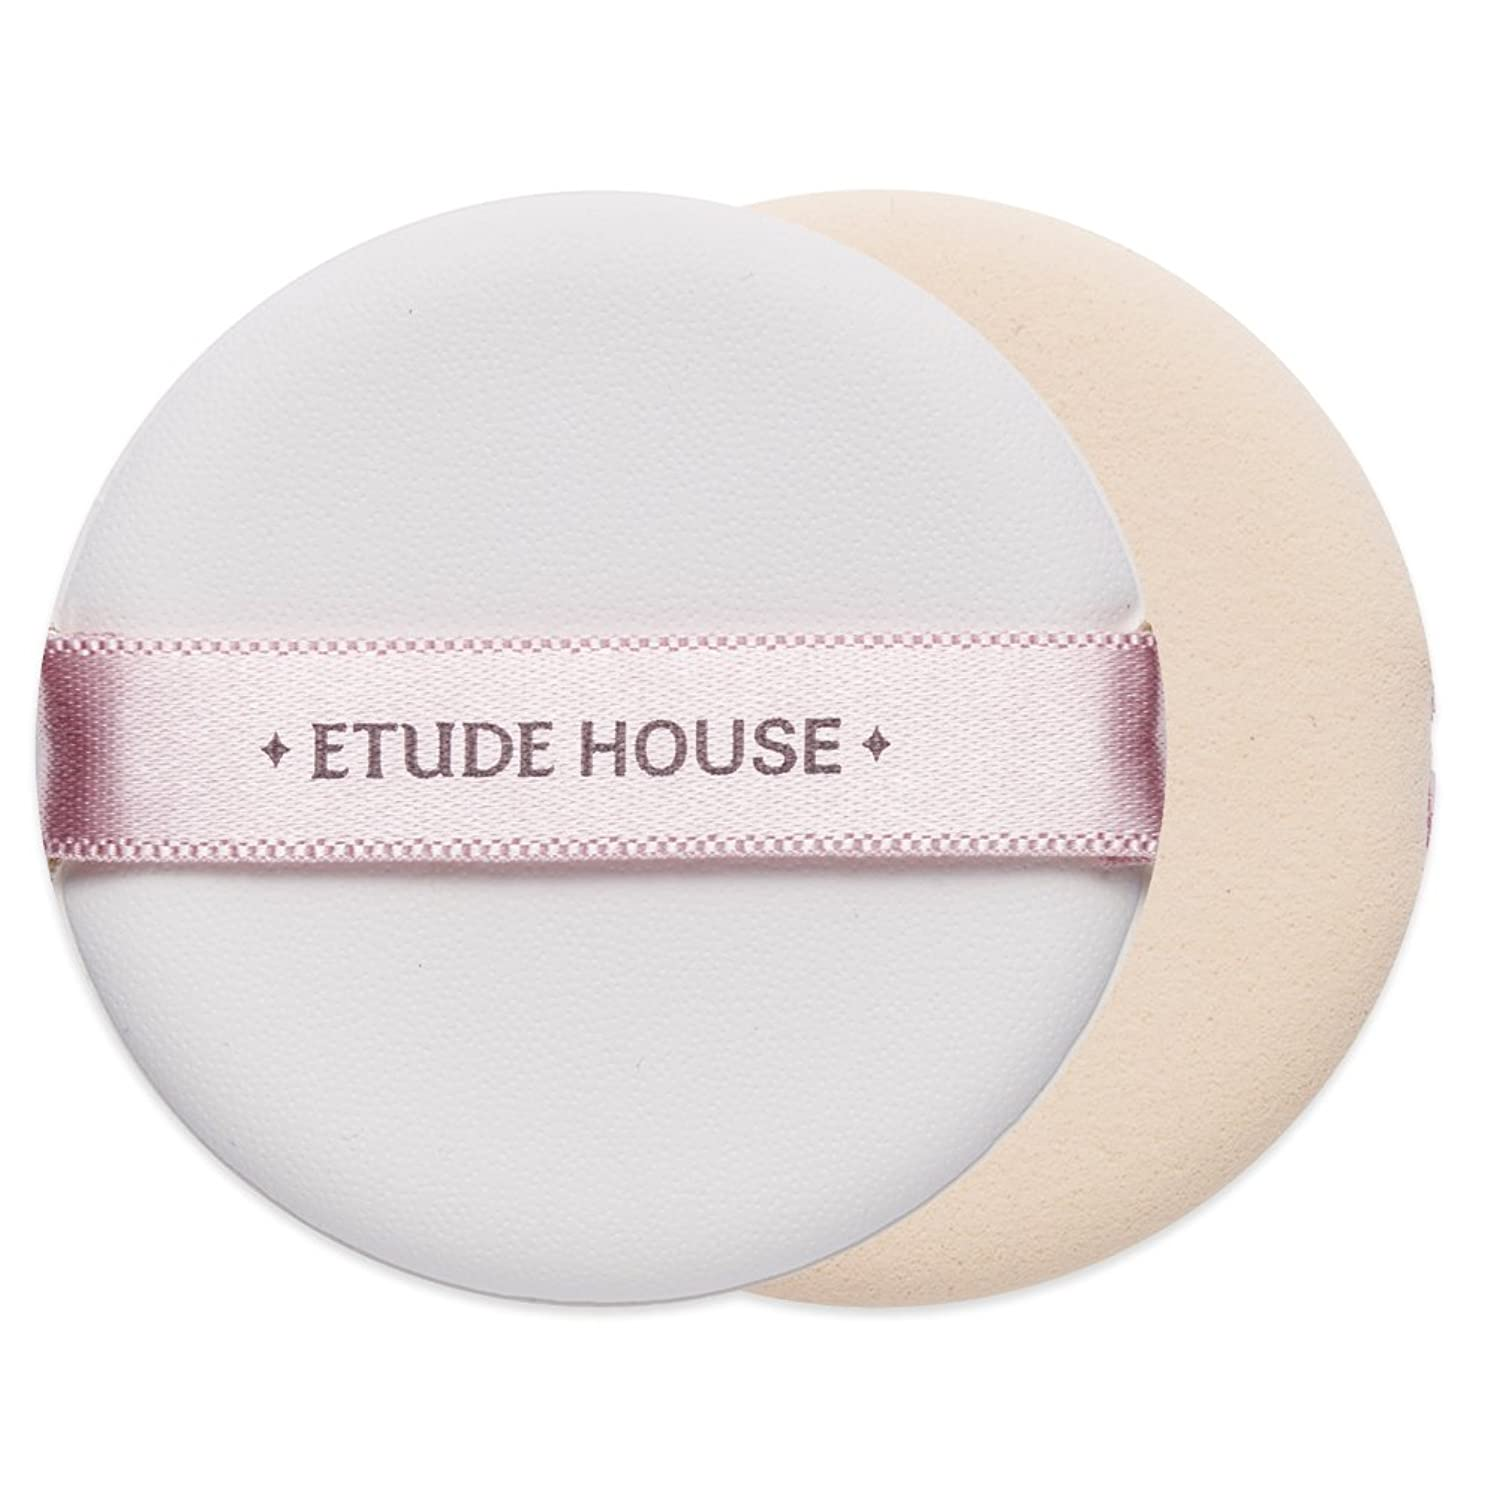 勝利した協力爆発エチュードハウス(ETUDE HOUSE) マイビューティーツール カバーフィッティングパフ